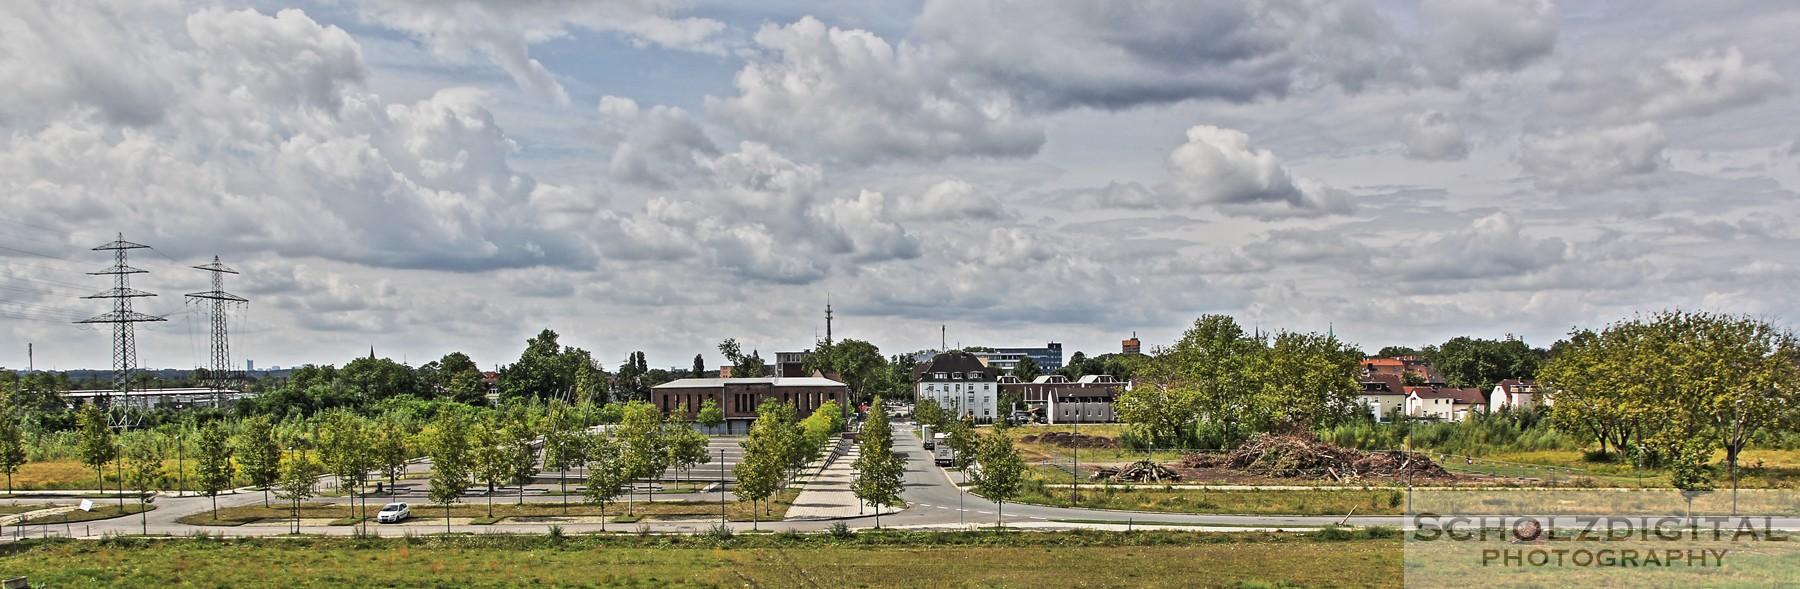 HDR Bild / Aufnahme Gelsenkirchen